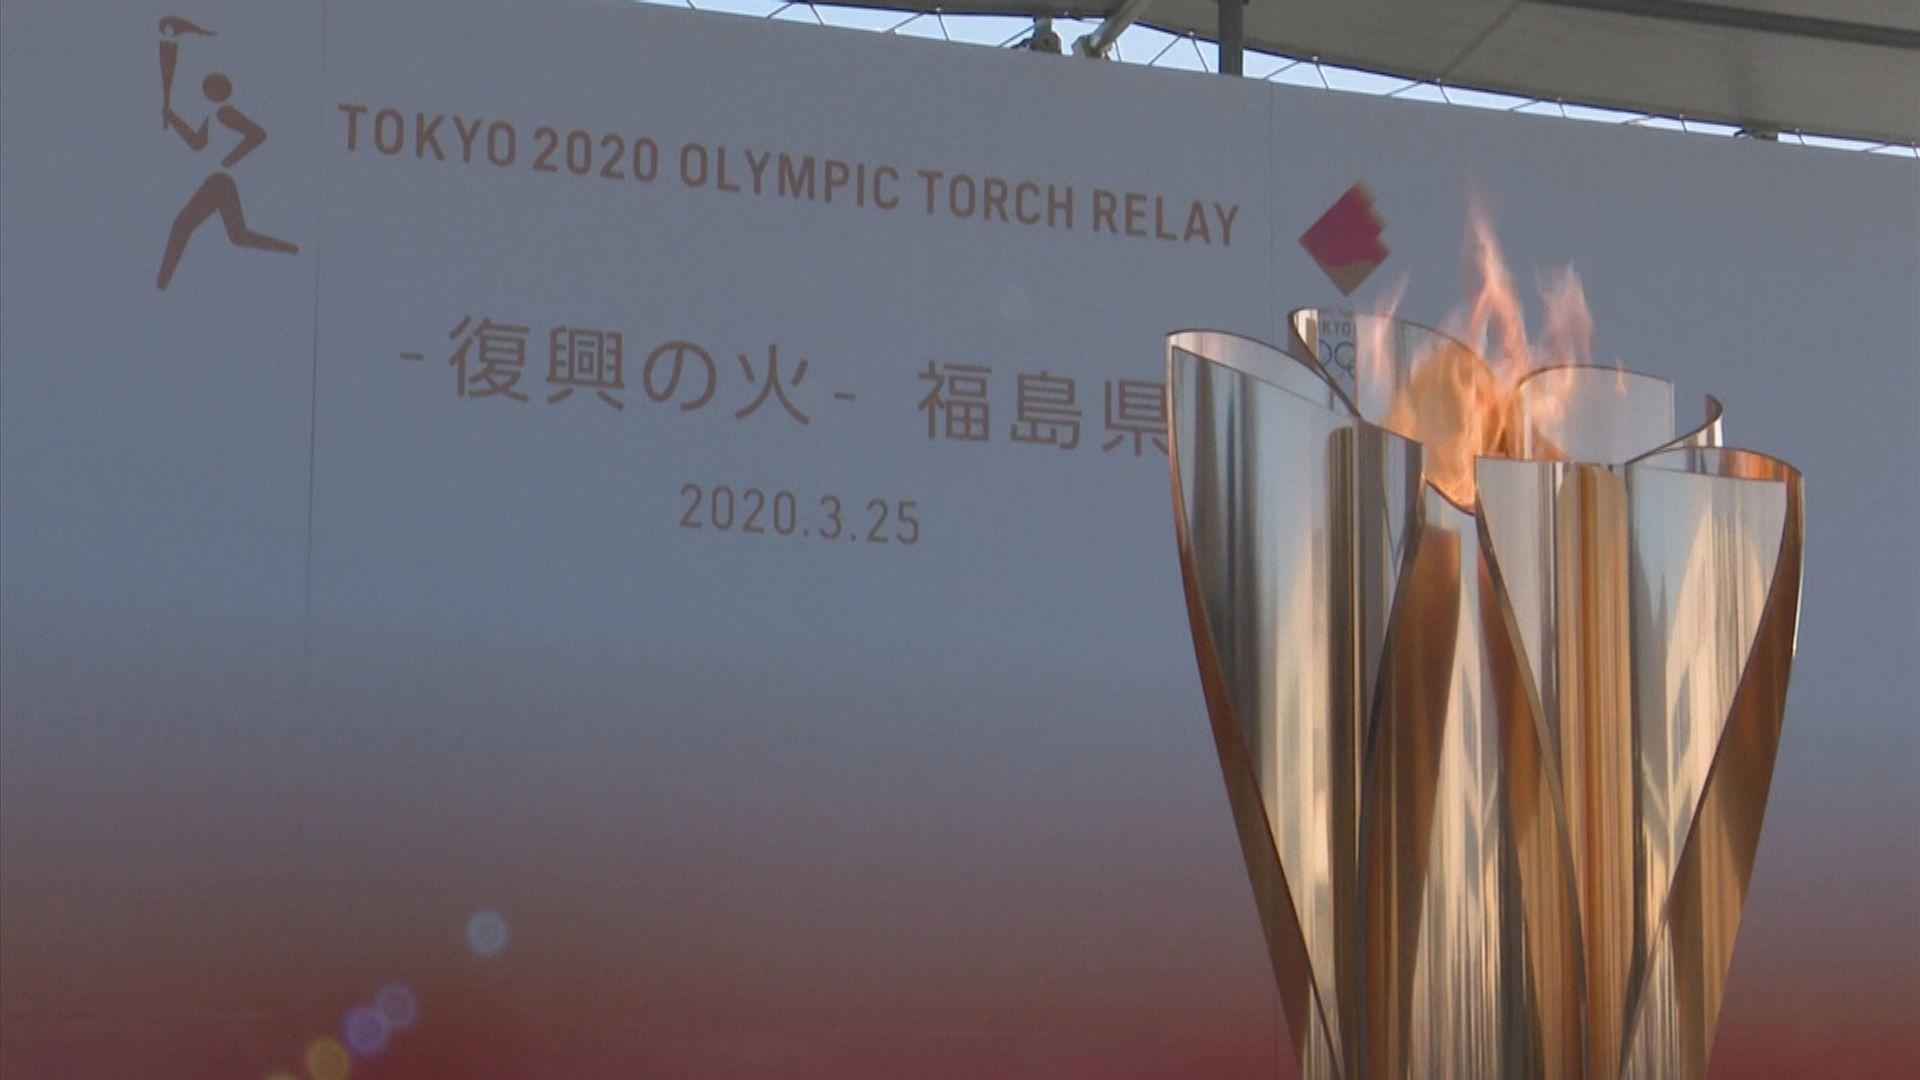 消息指奧運明年七月揭幕 聖火將留在福島縣展出一個月